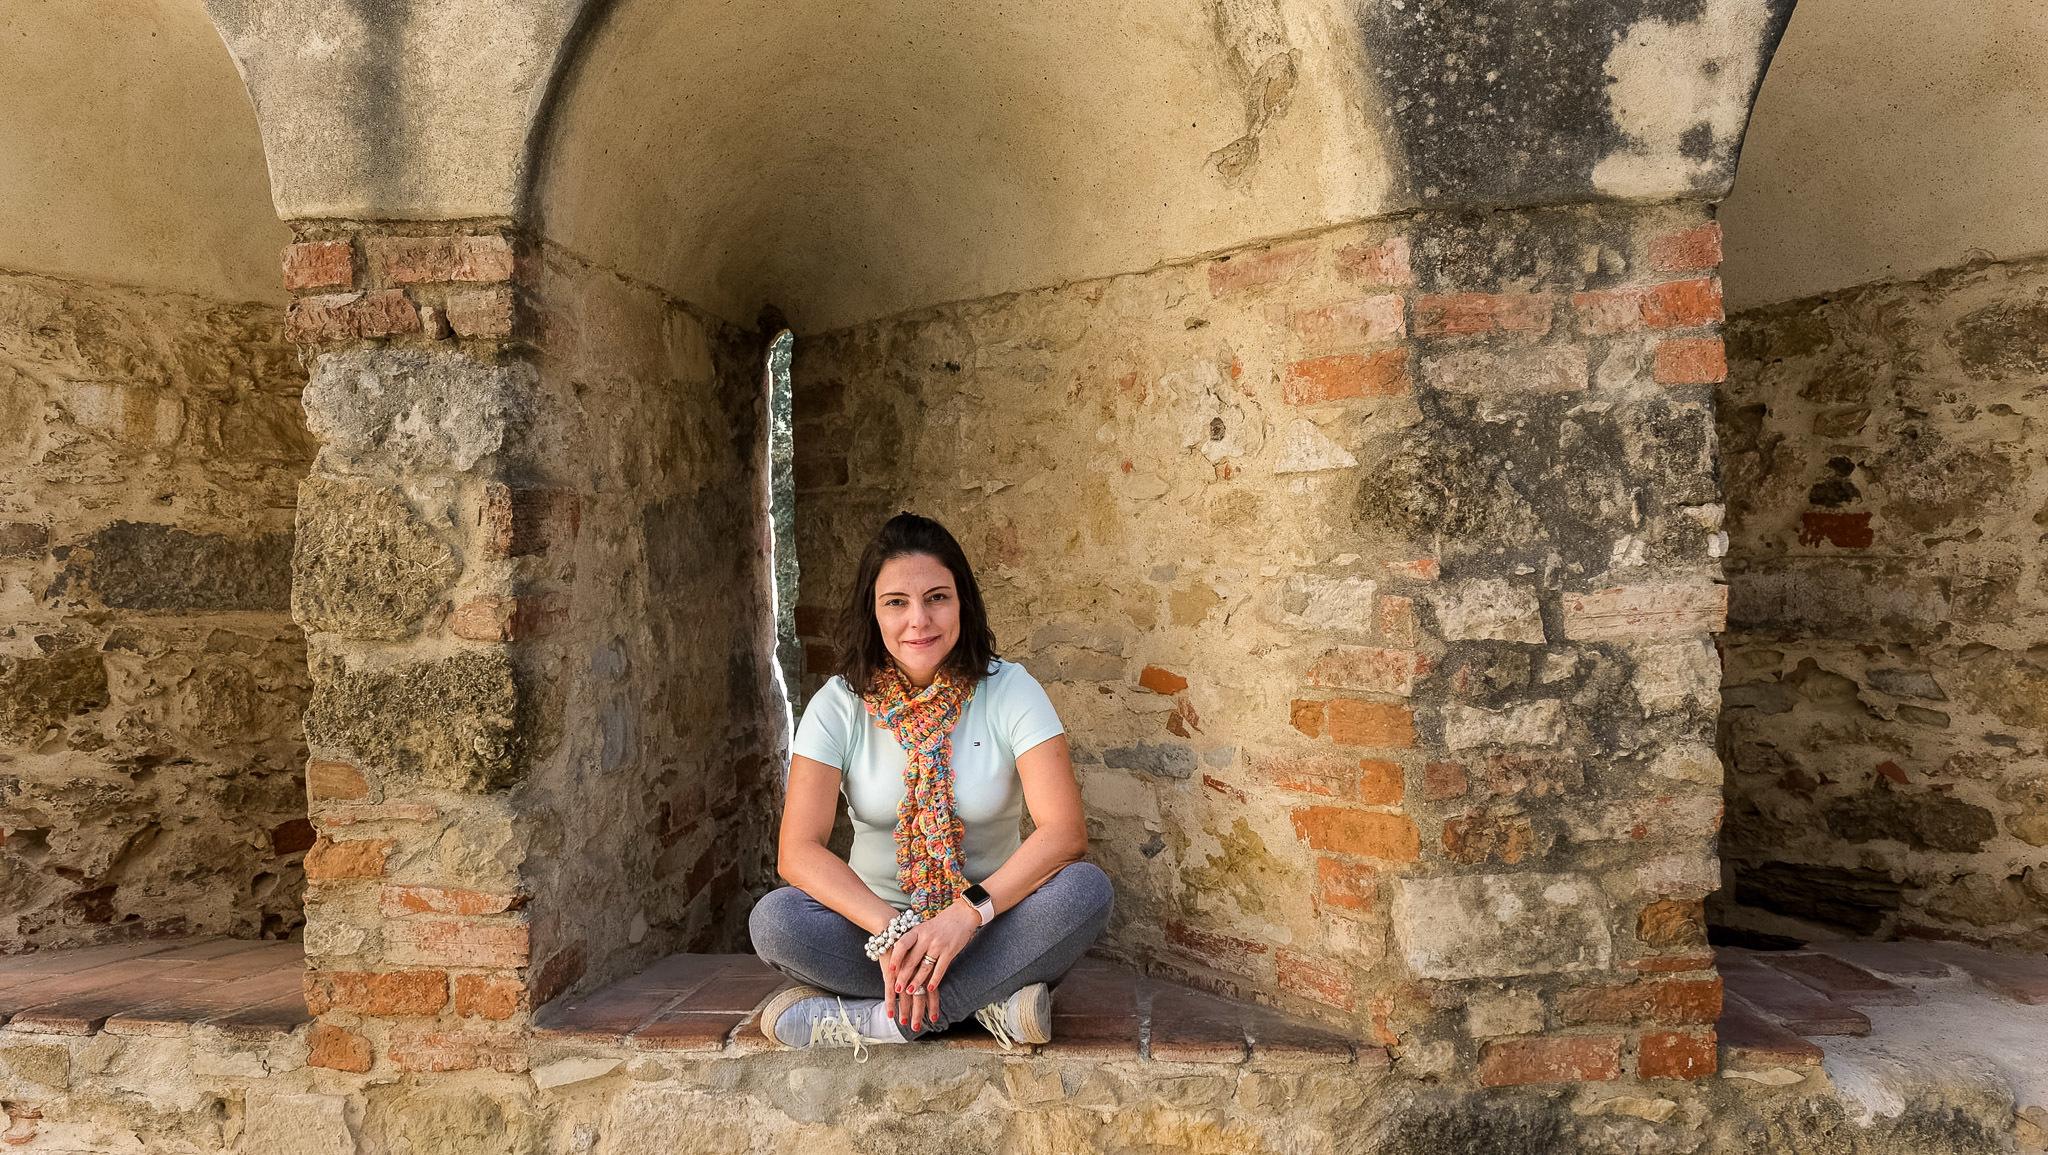 Contate Jaque Salles | Fotógrafa RJ |  Fotografia de Casamento,15 anos & Famílias